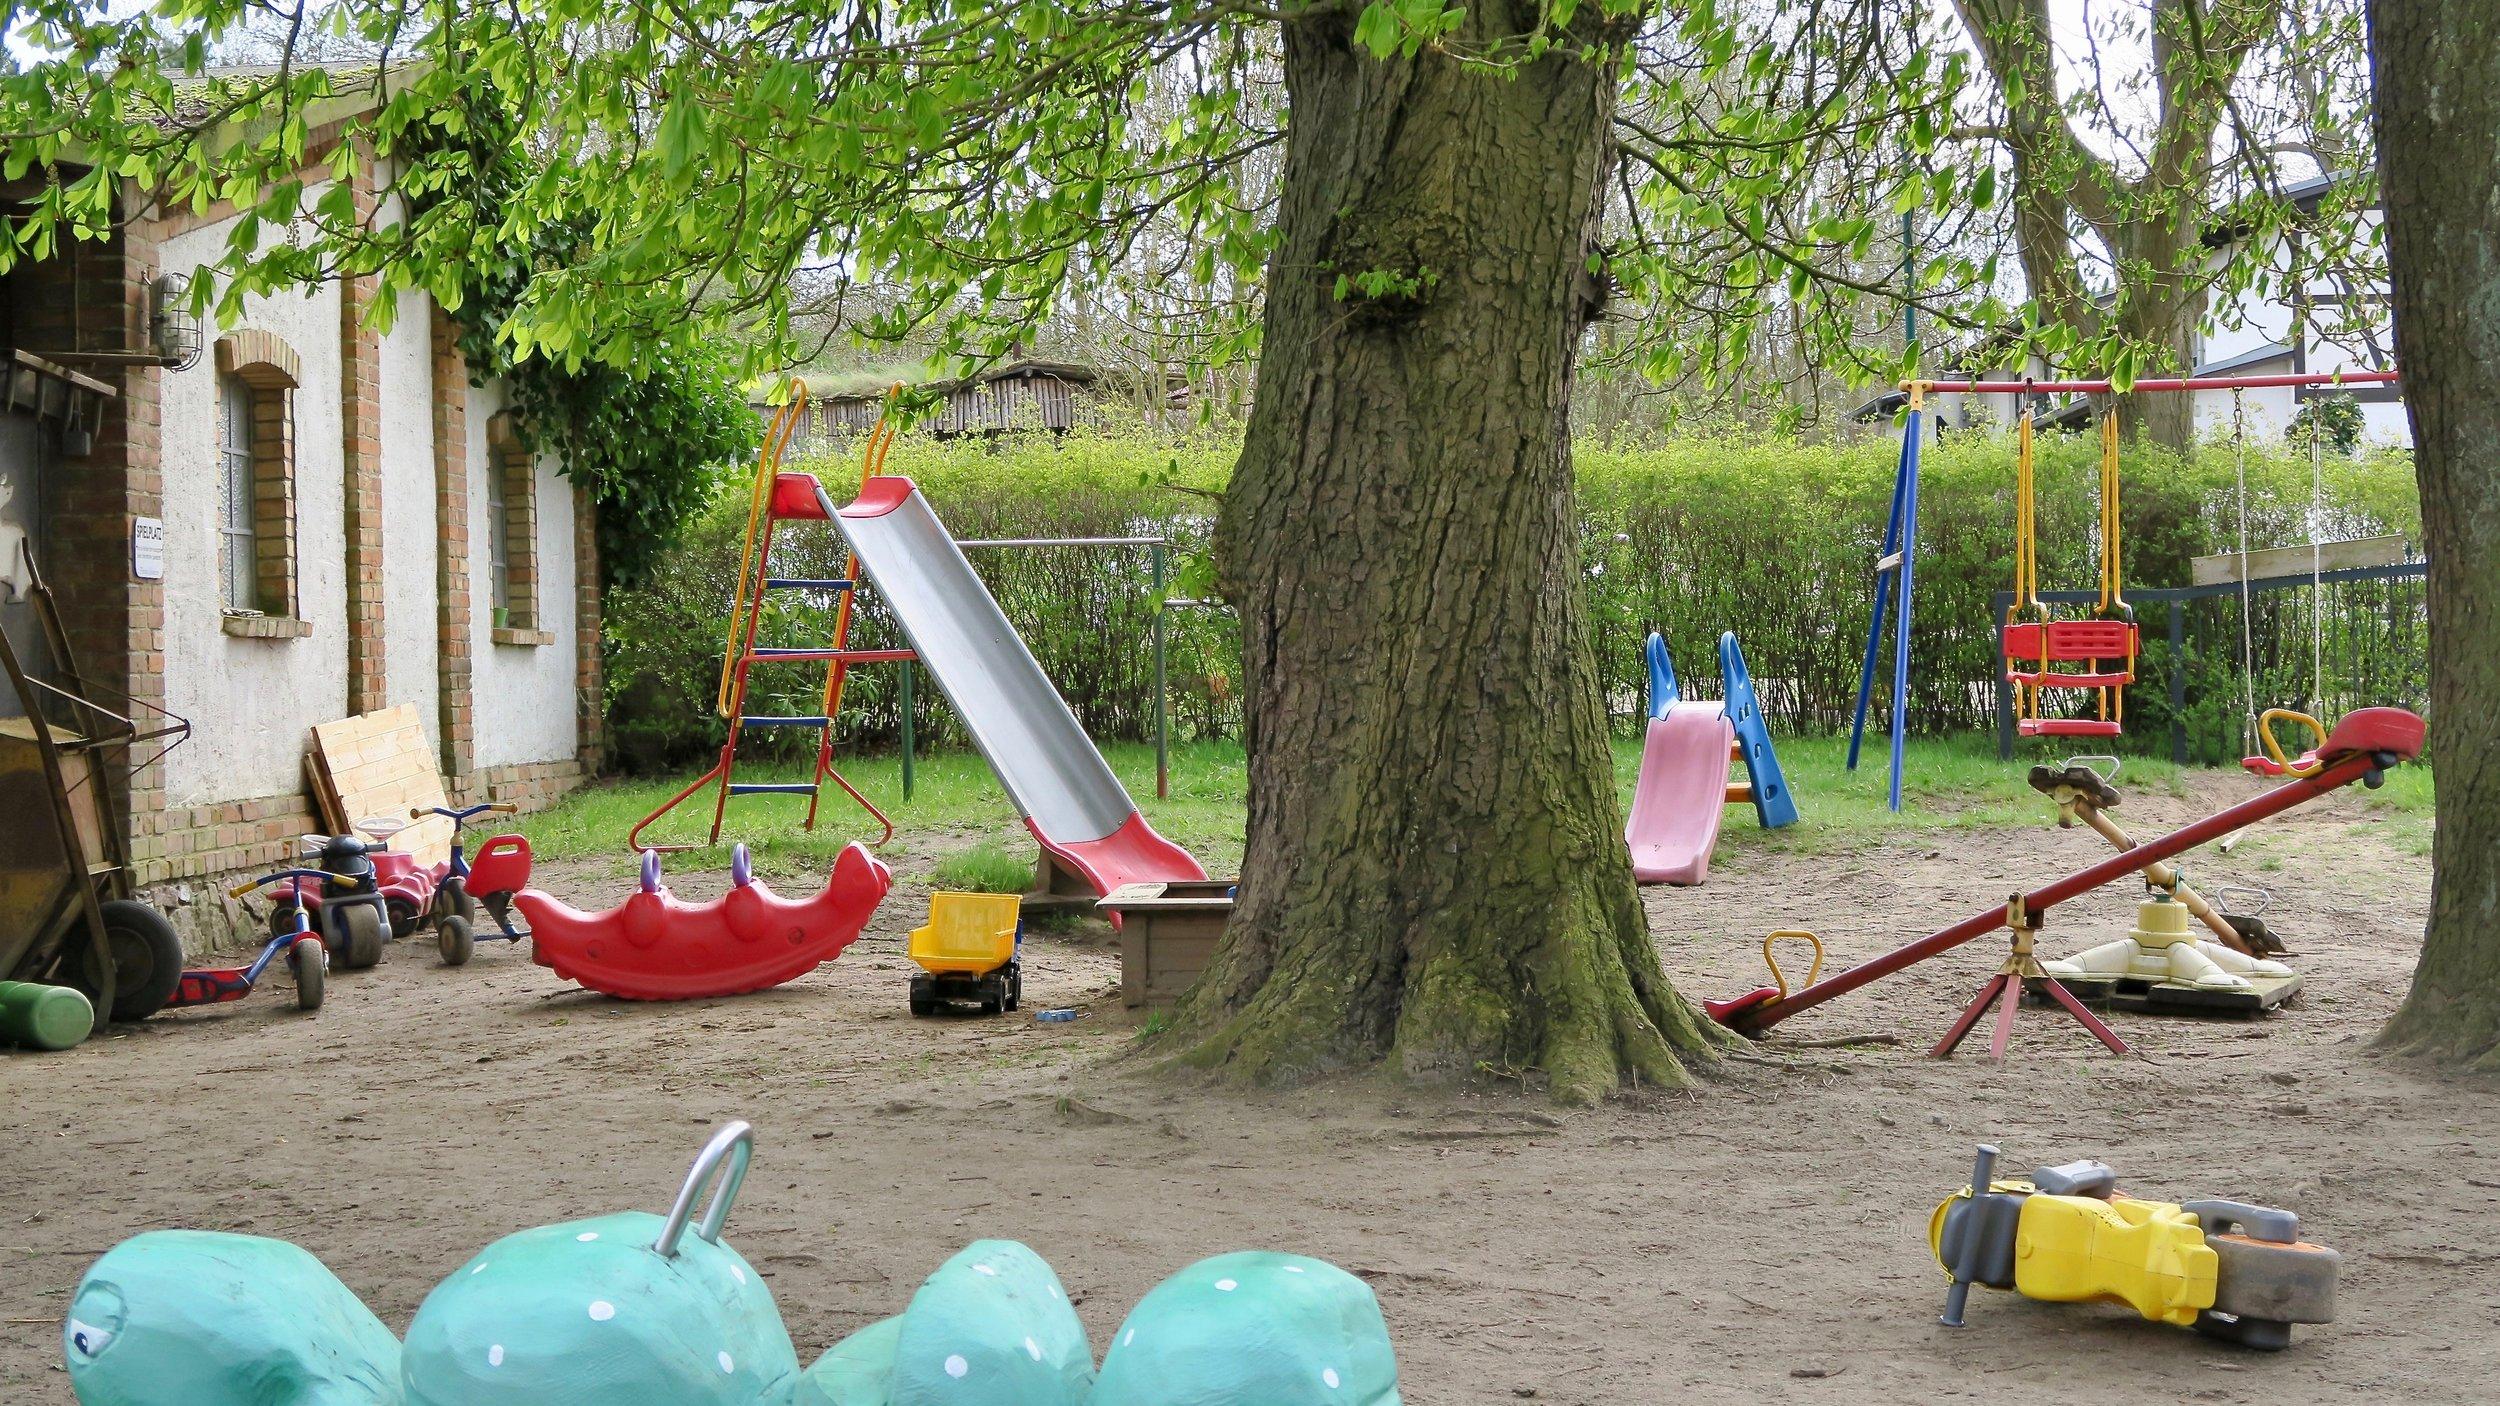 Urlaub Ostsee Pension Schmelzer Galerie 30 Spielplatz.jpg